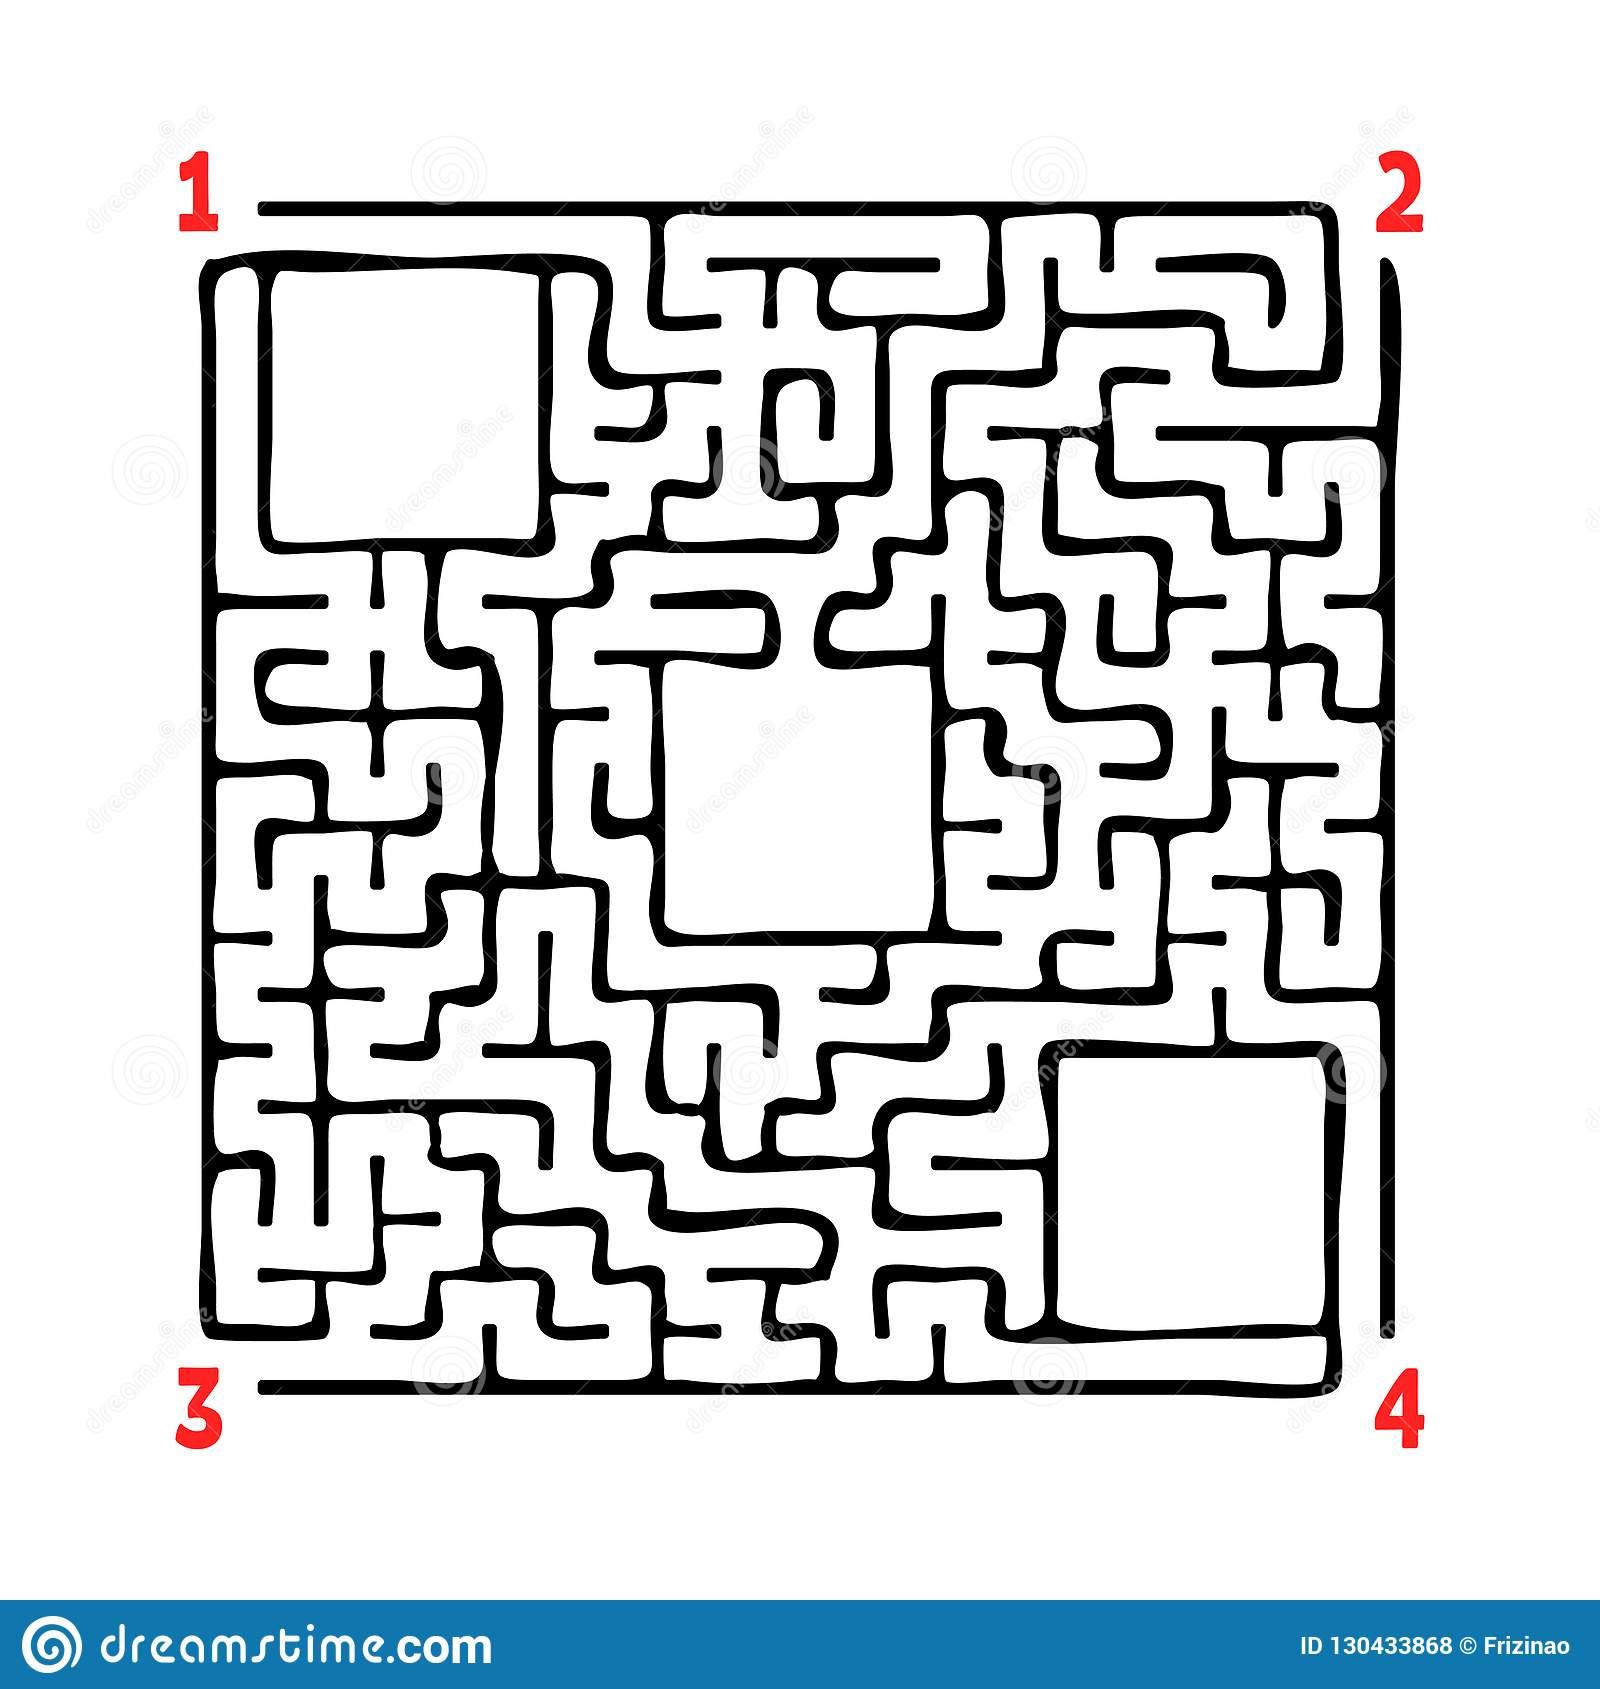 Abstraktes Quadratisches Labyrinth Spiel Für Kinder über Labyrinth Spiele Kostenlos